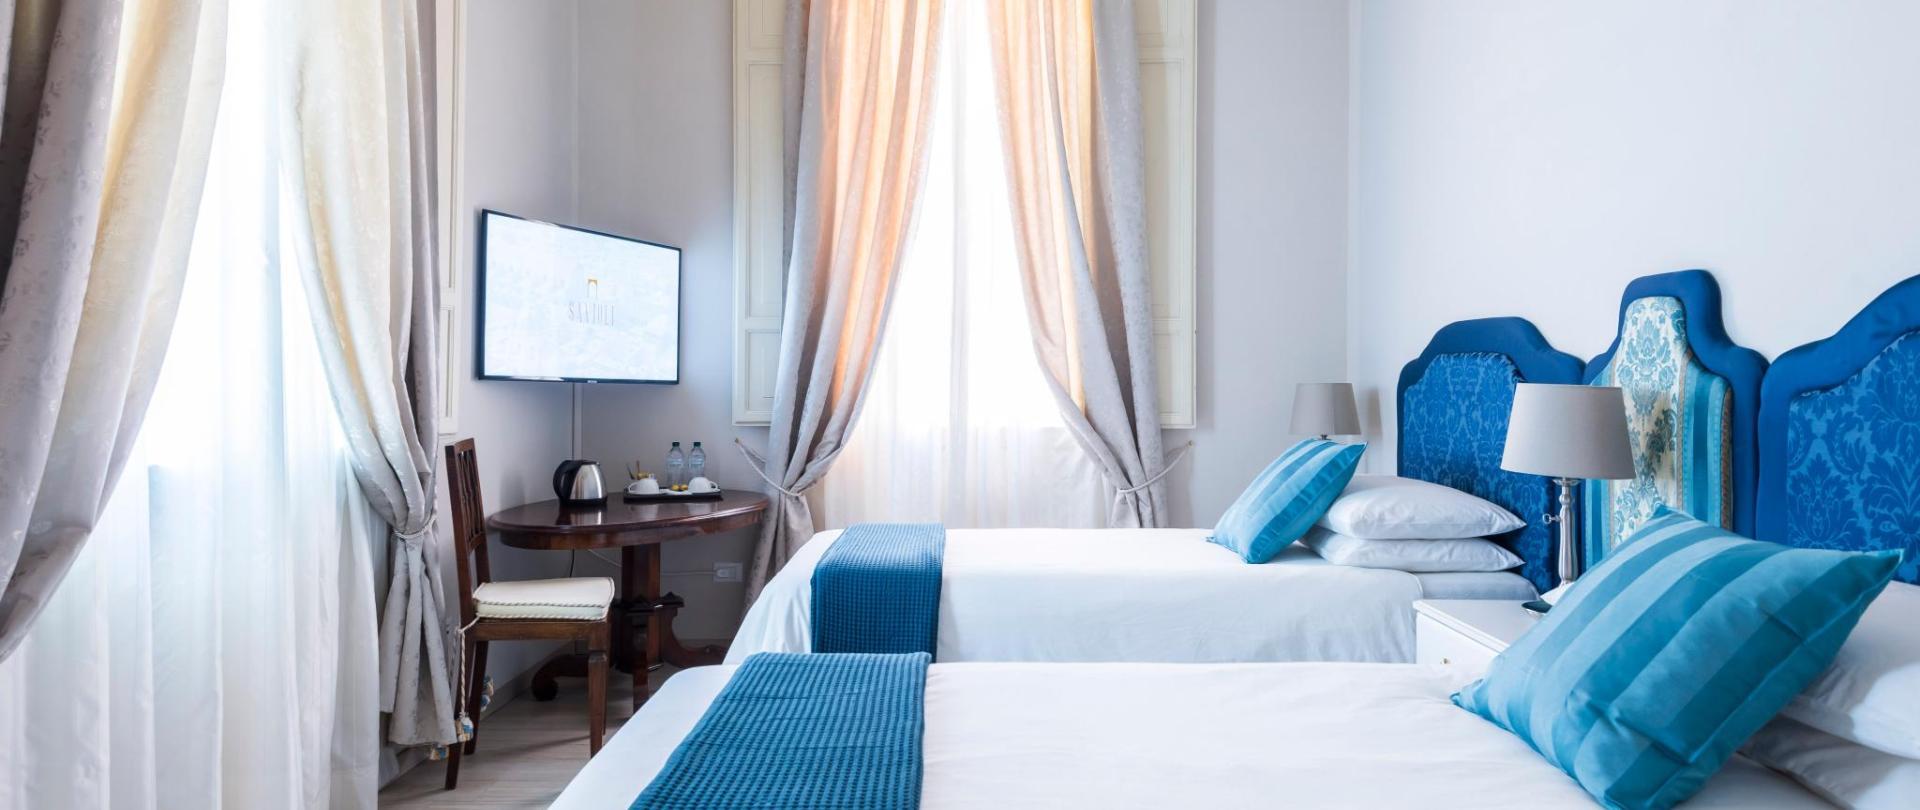 Villa Savioli Room & Breakfast